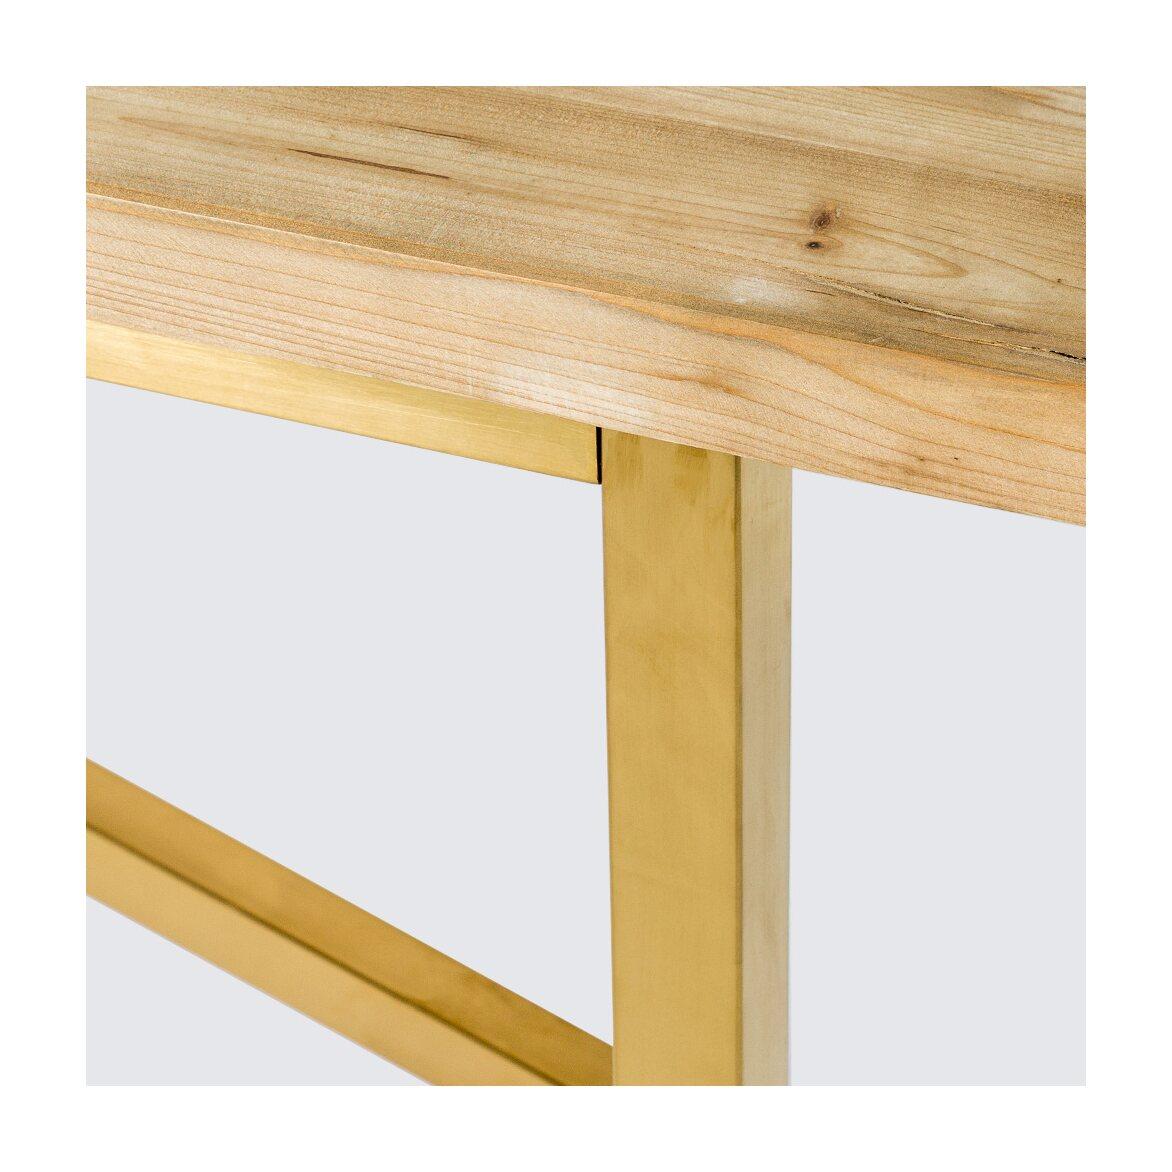 Обеденный стол «Мэтр» 12 | Обеденные столы Kingsby